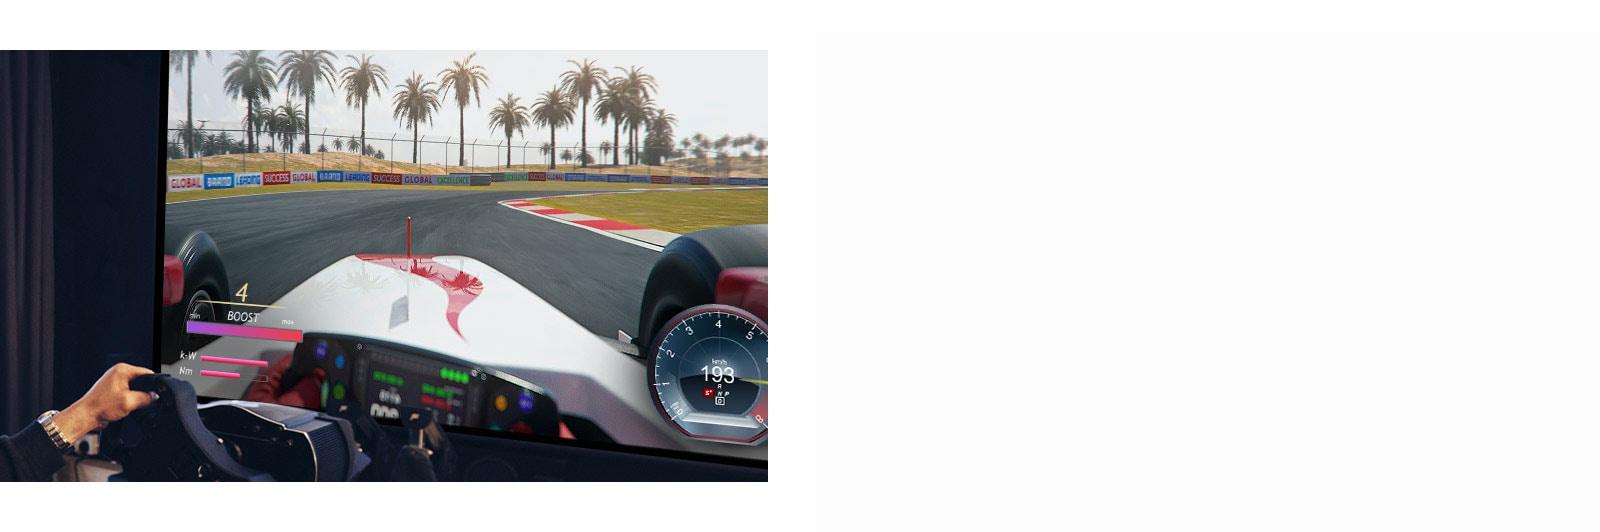 Primer plano de un jugador sujetando un volante de carreras y jugando a un juego de carreras en la pantalla del televisor.